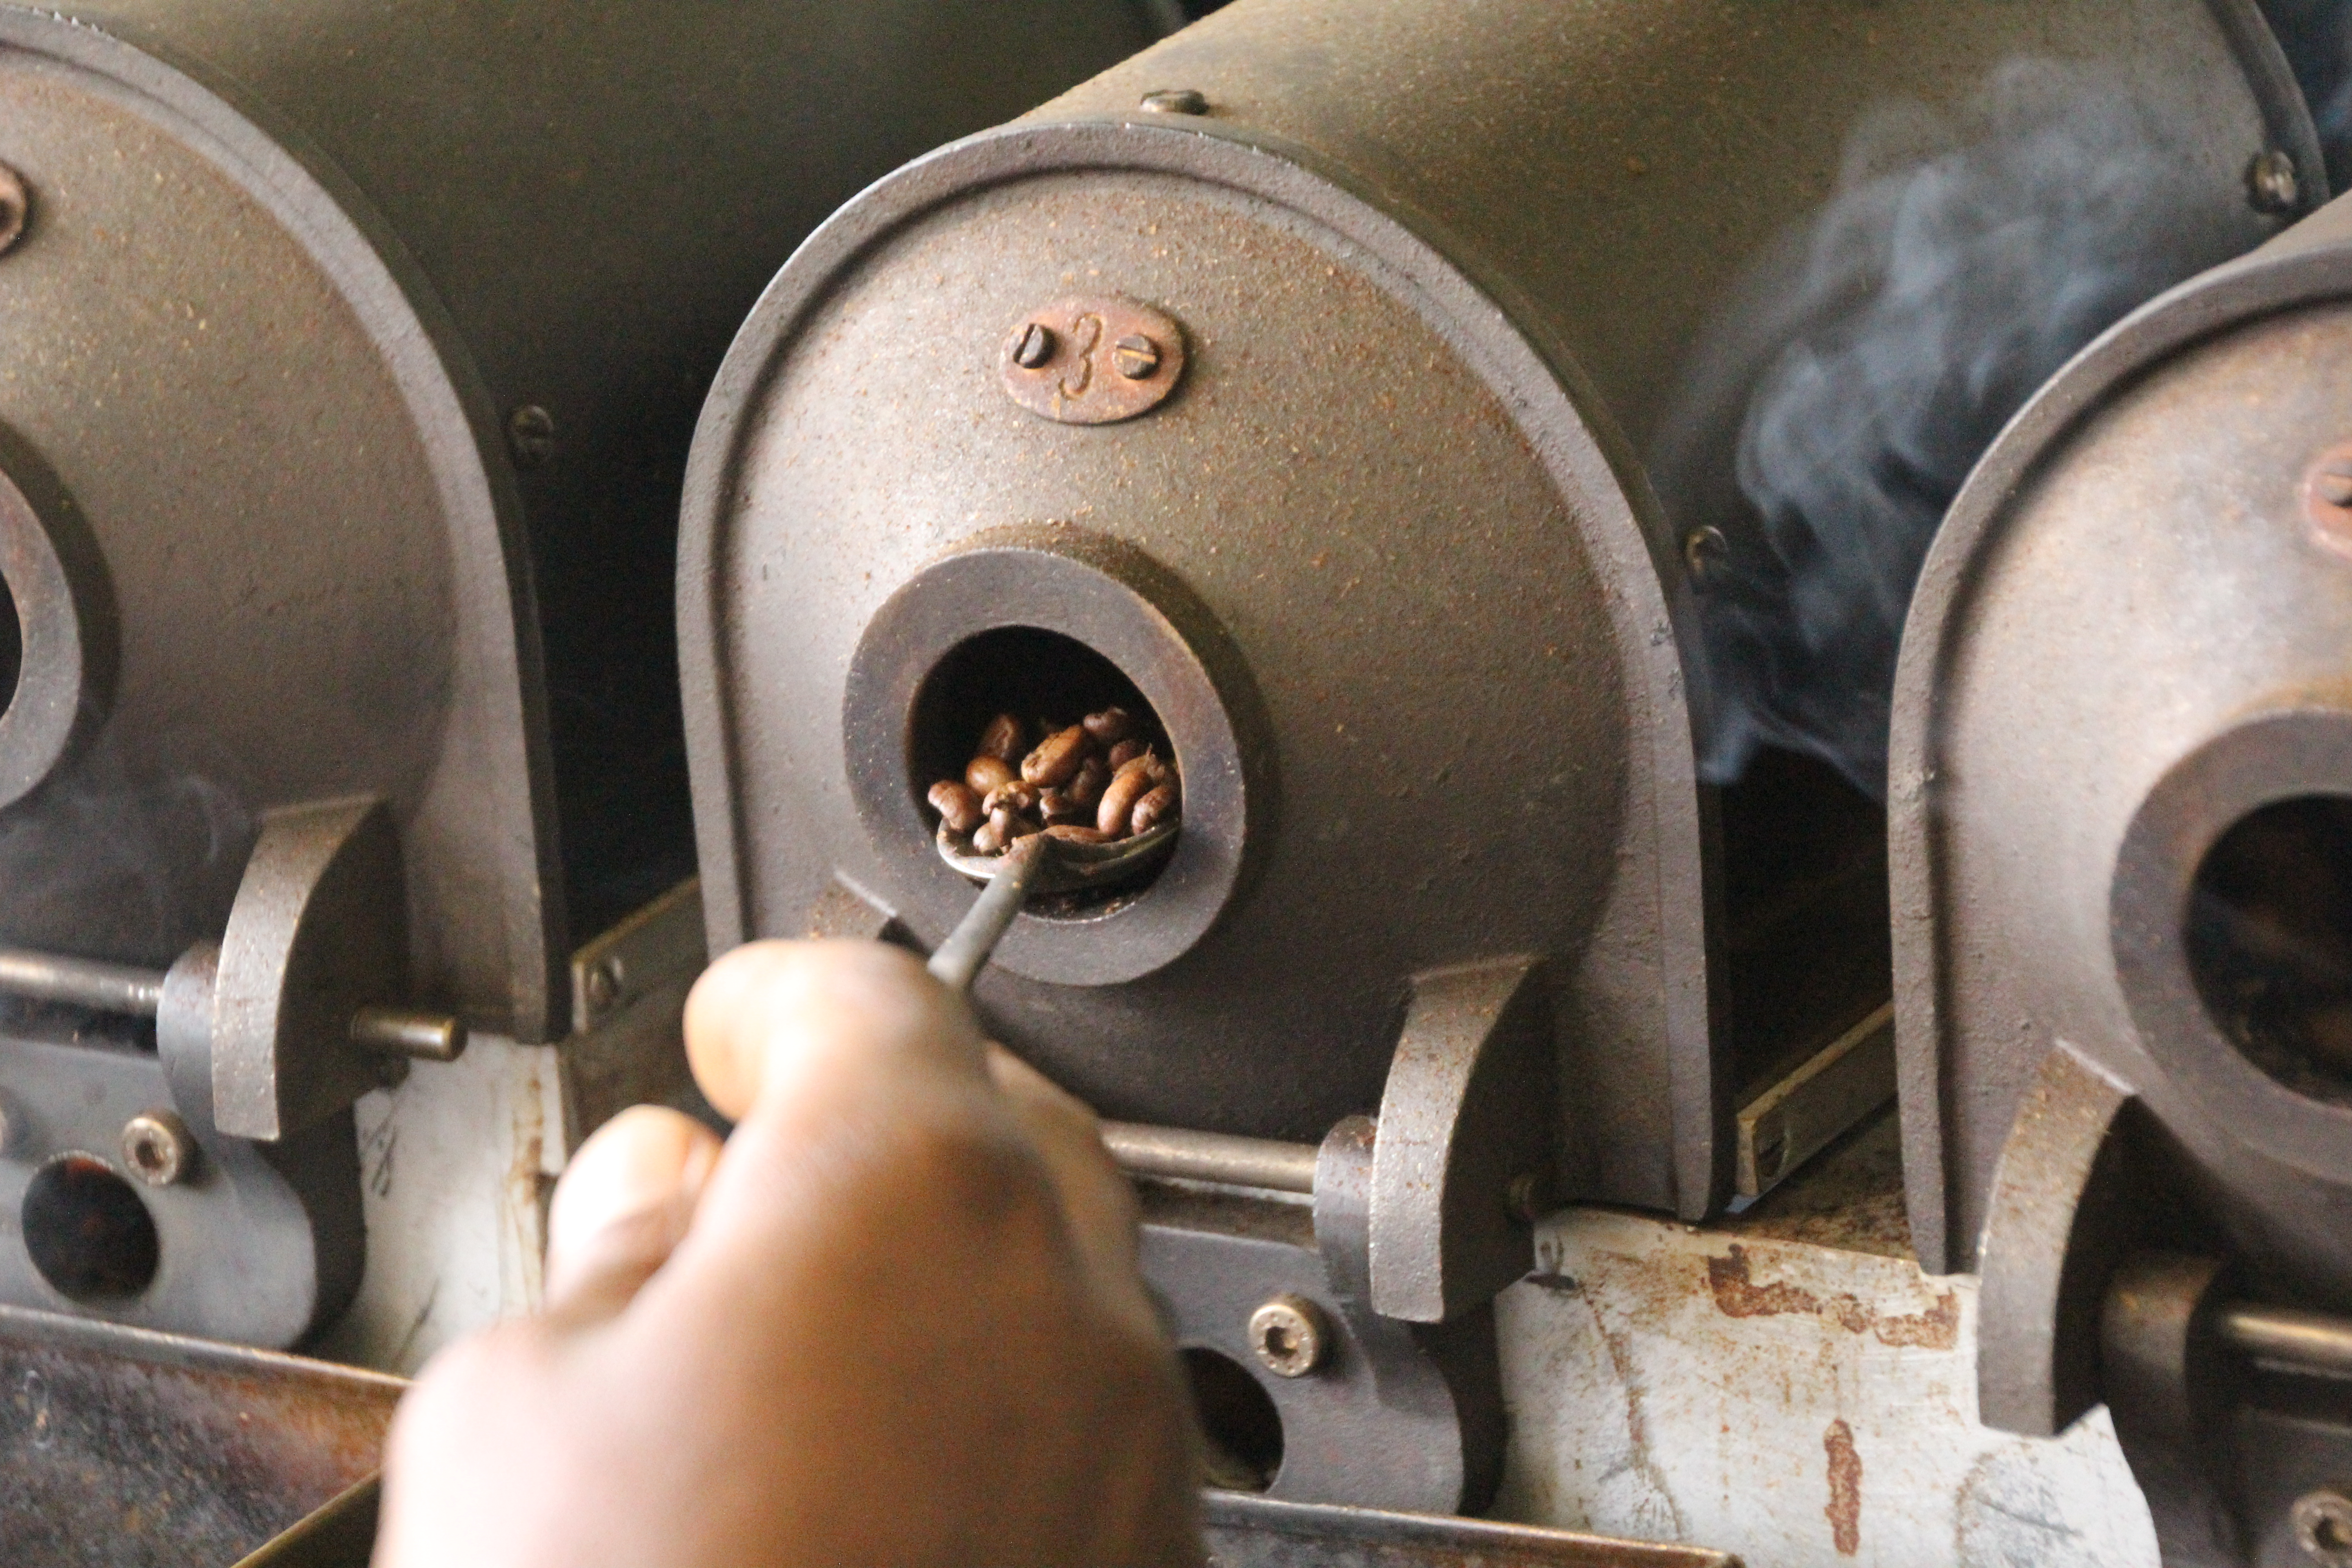 Neumann Kaffee Gruppe heeft een eigen kwaliteitslaboratorium